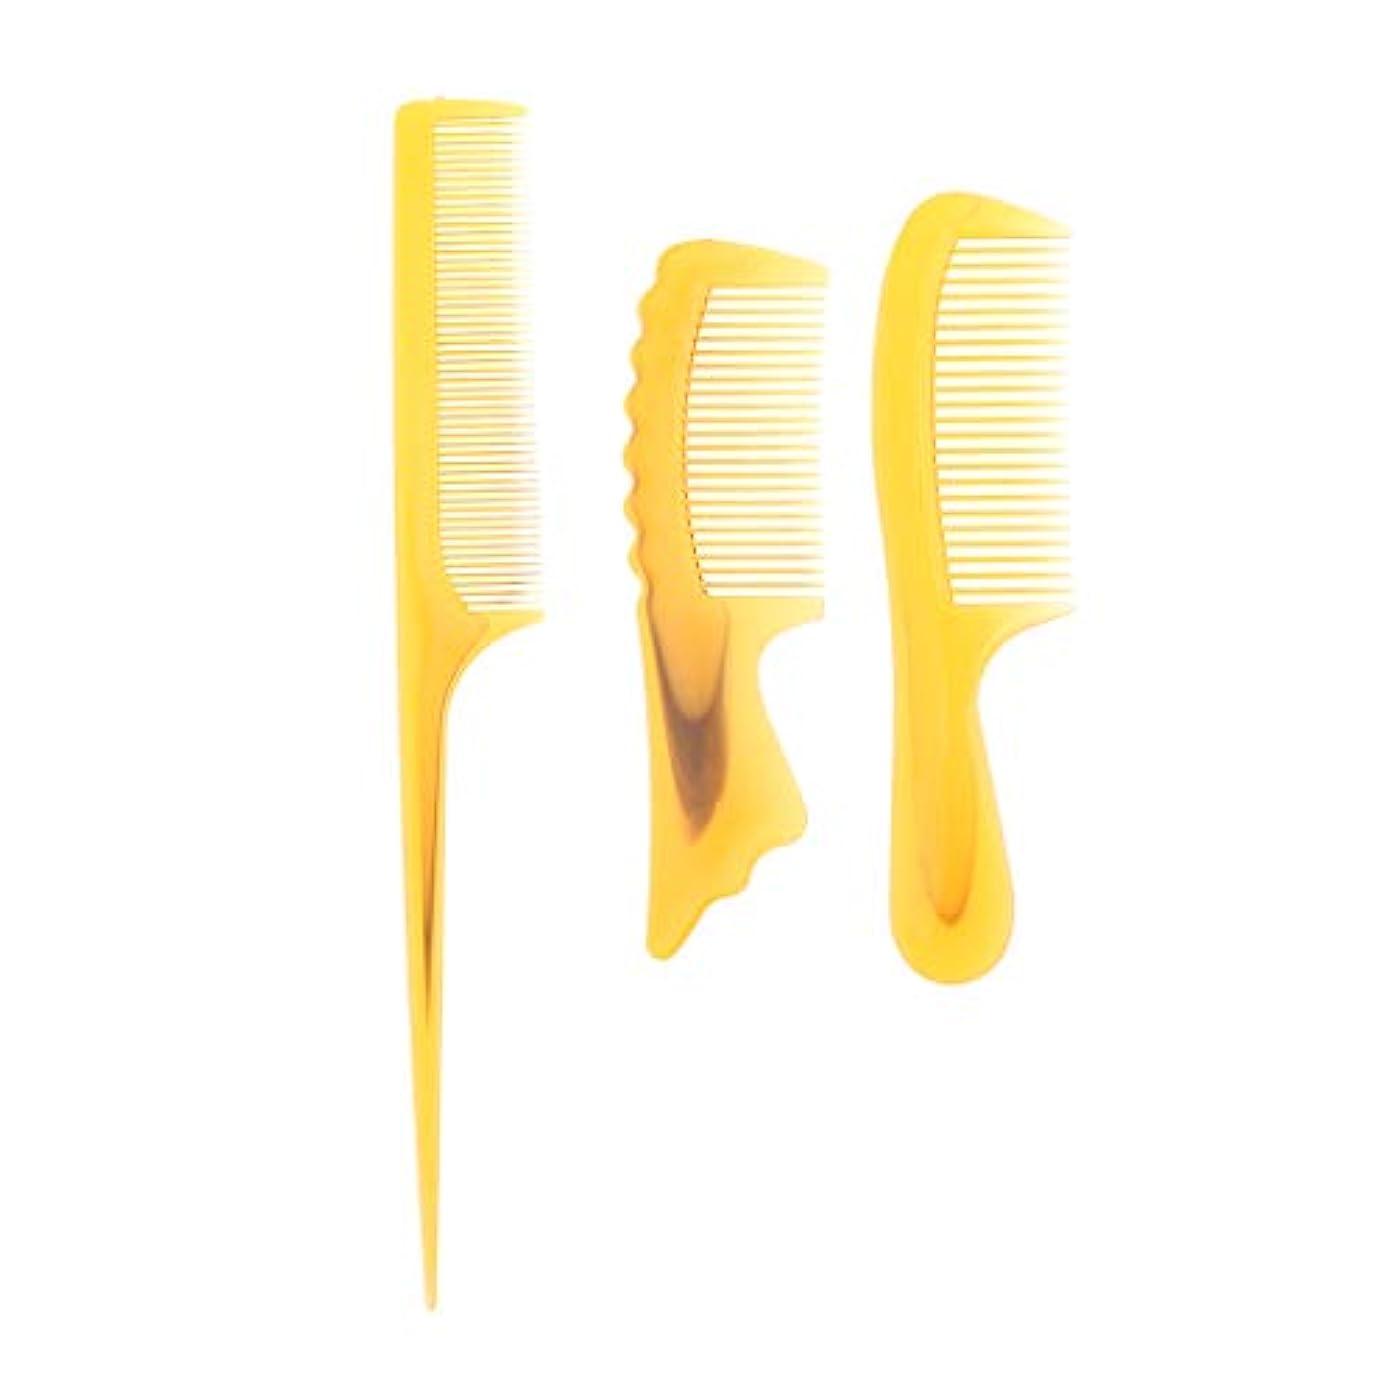 安定確率枯渇B Baosity 3個 ヘアコーム 静電防止櫛 コーム 理髪 美容師 ヘアケア